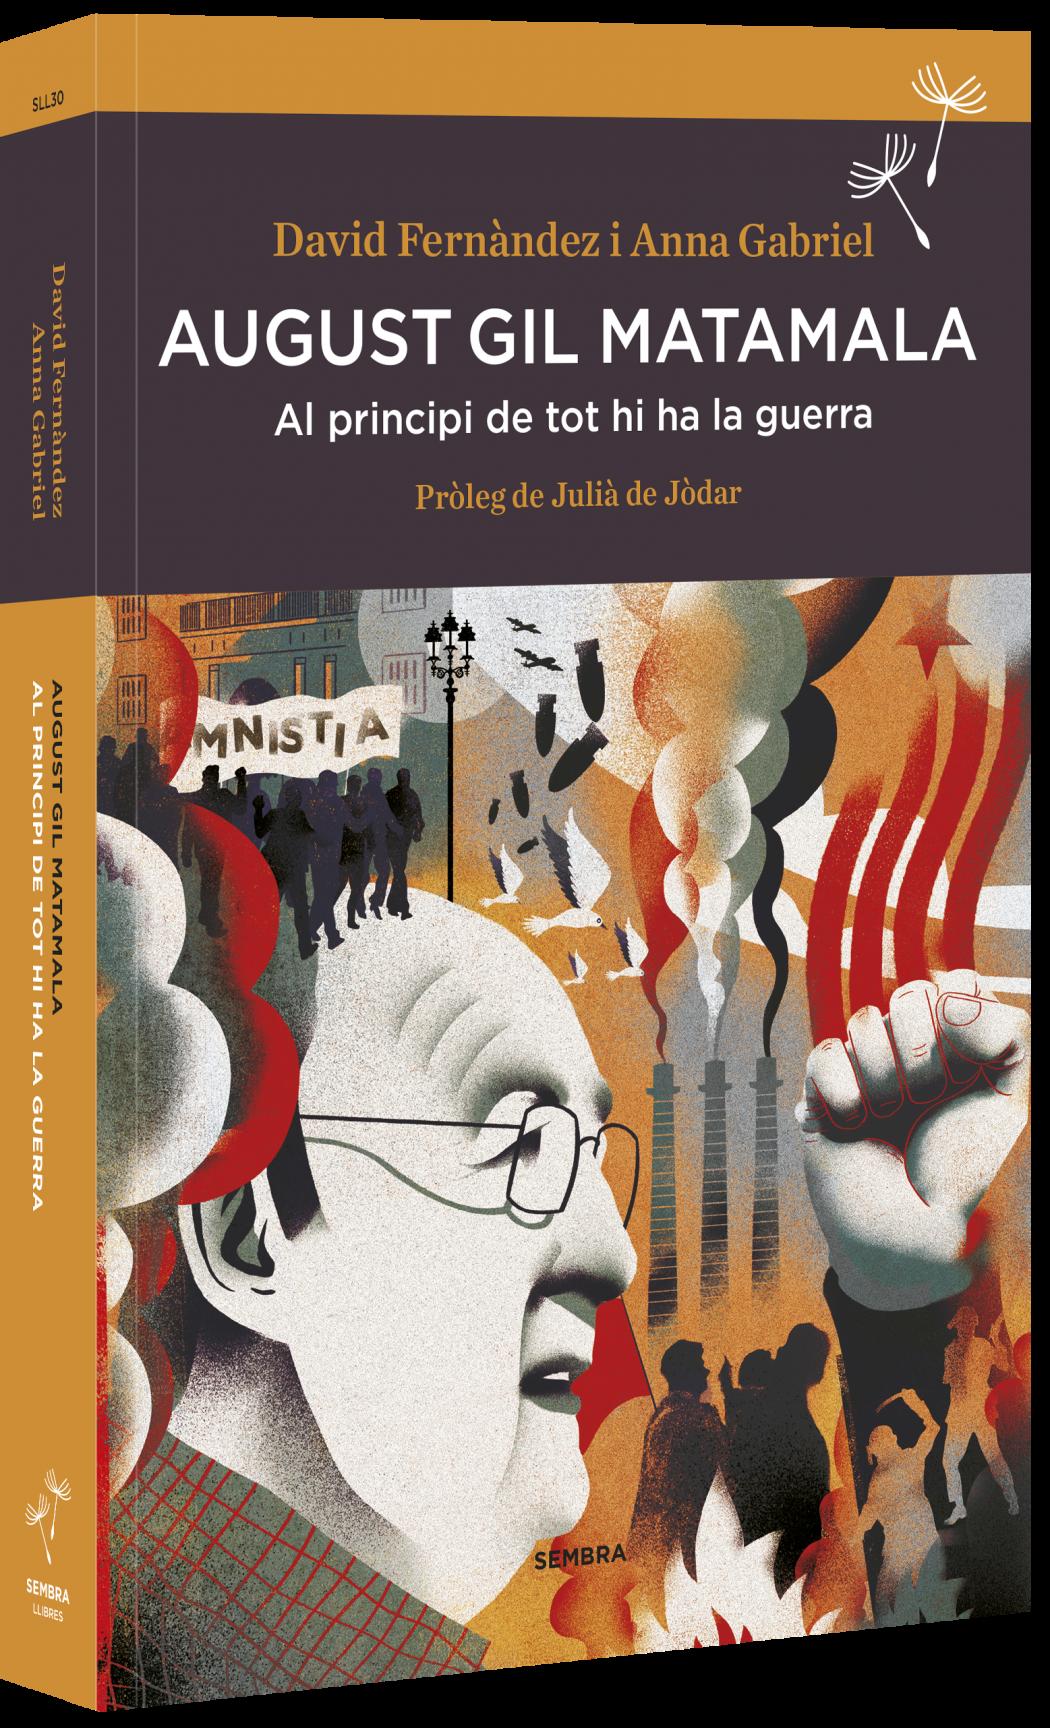 El fil roig de la vida del jurista de referència de les lluites socials i nacionals a Catalunya.